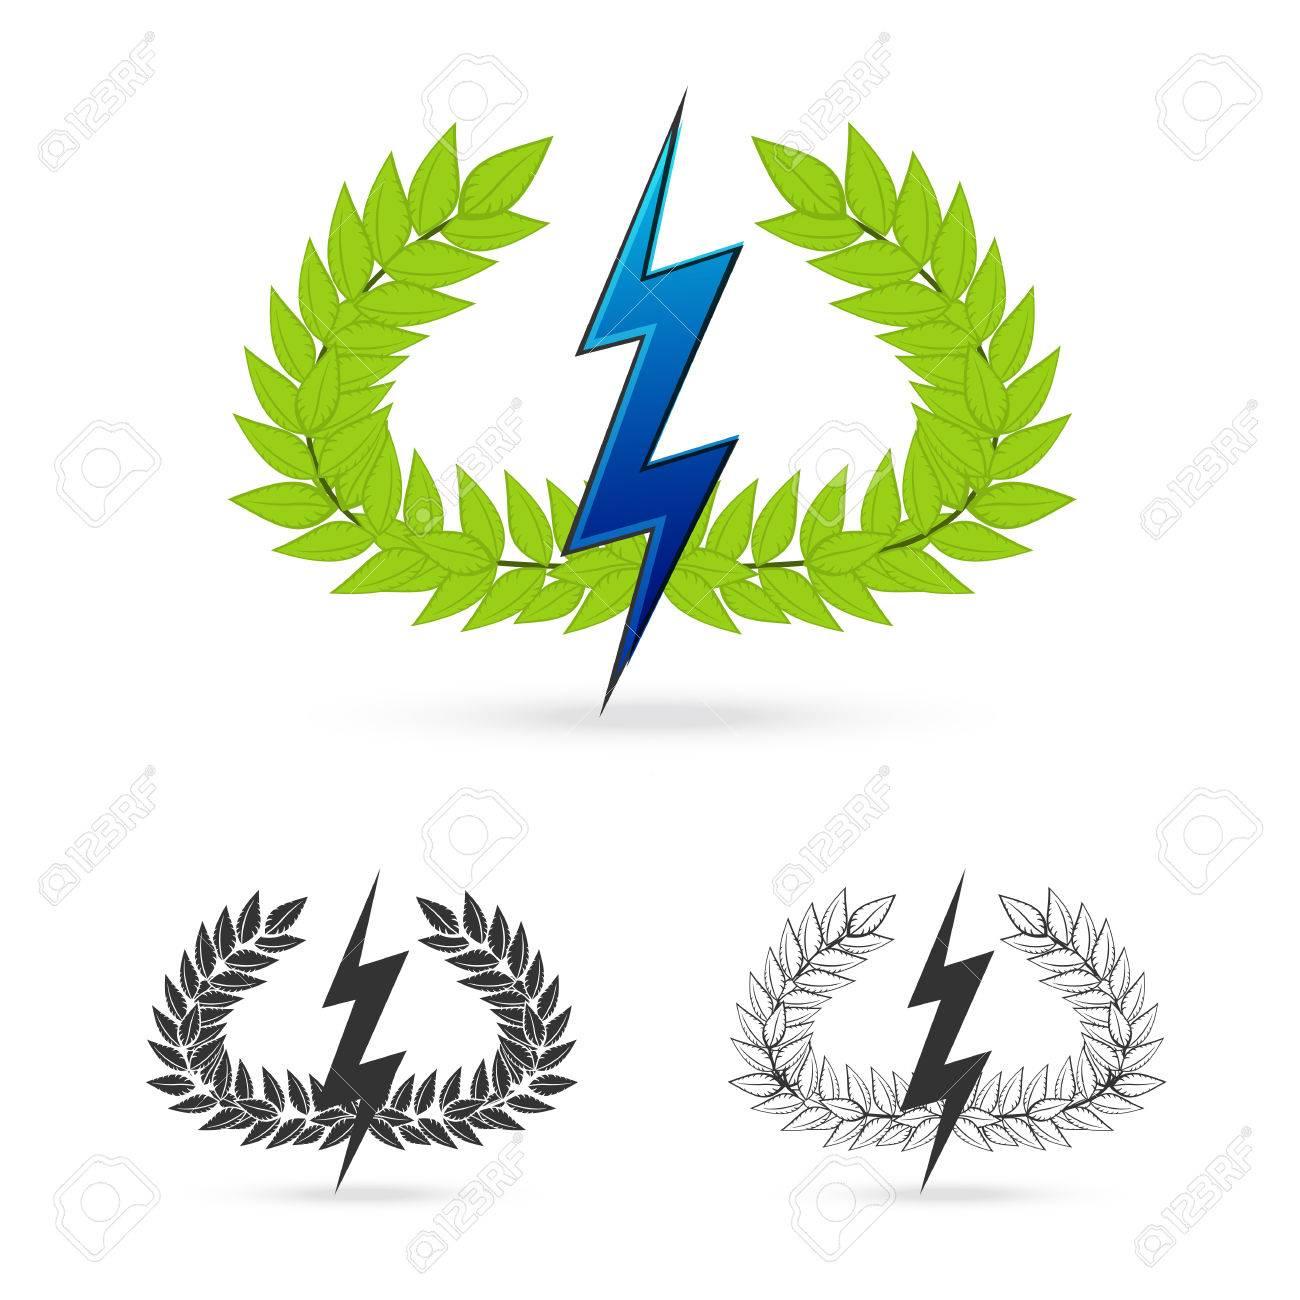 Isolate olive branch with thunder symbol of greek god zeus on isolate olive branch with thunder symbol of greek god zeus on white background vector illustration stock buycottarizona Images